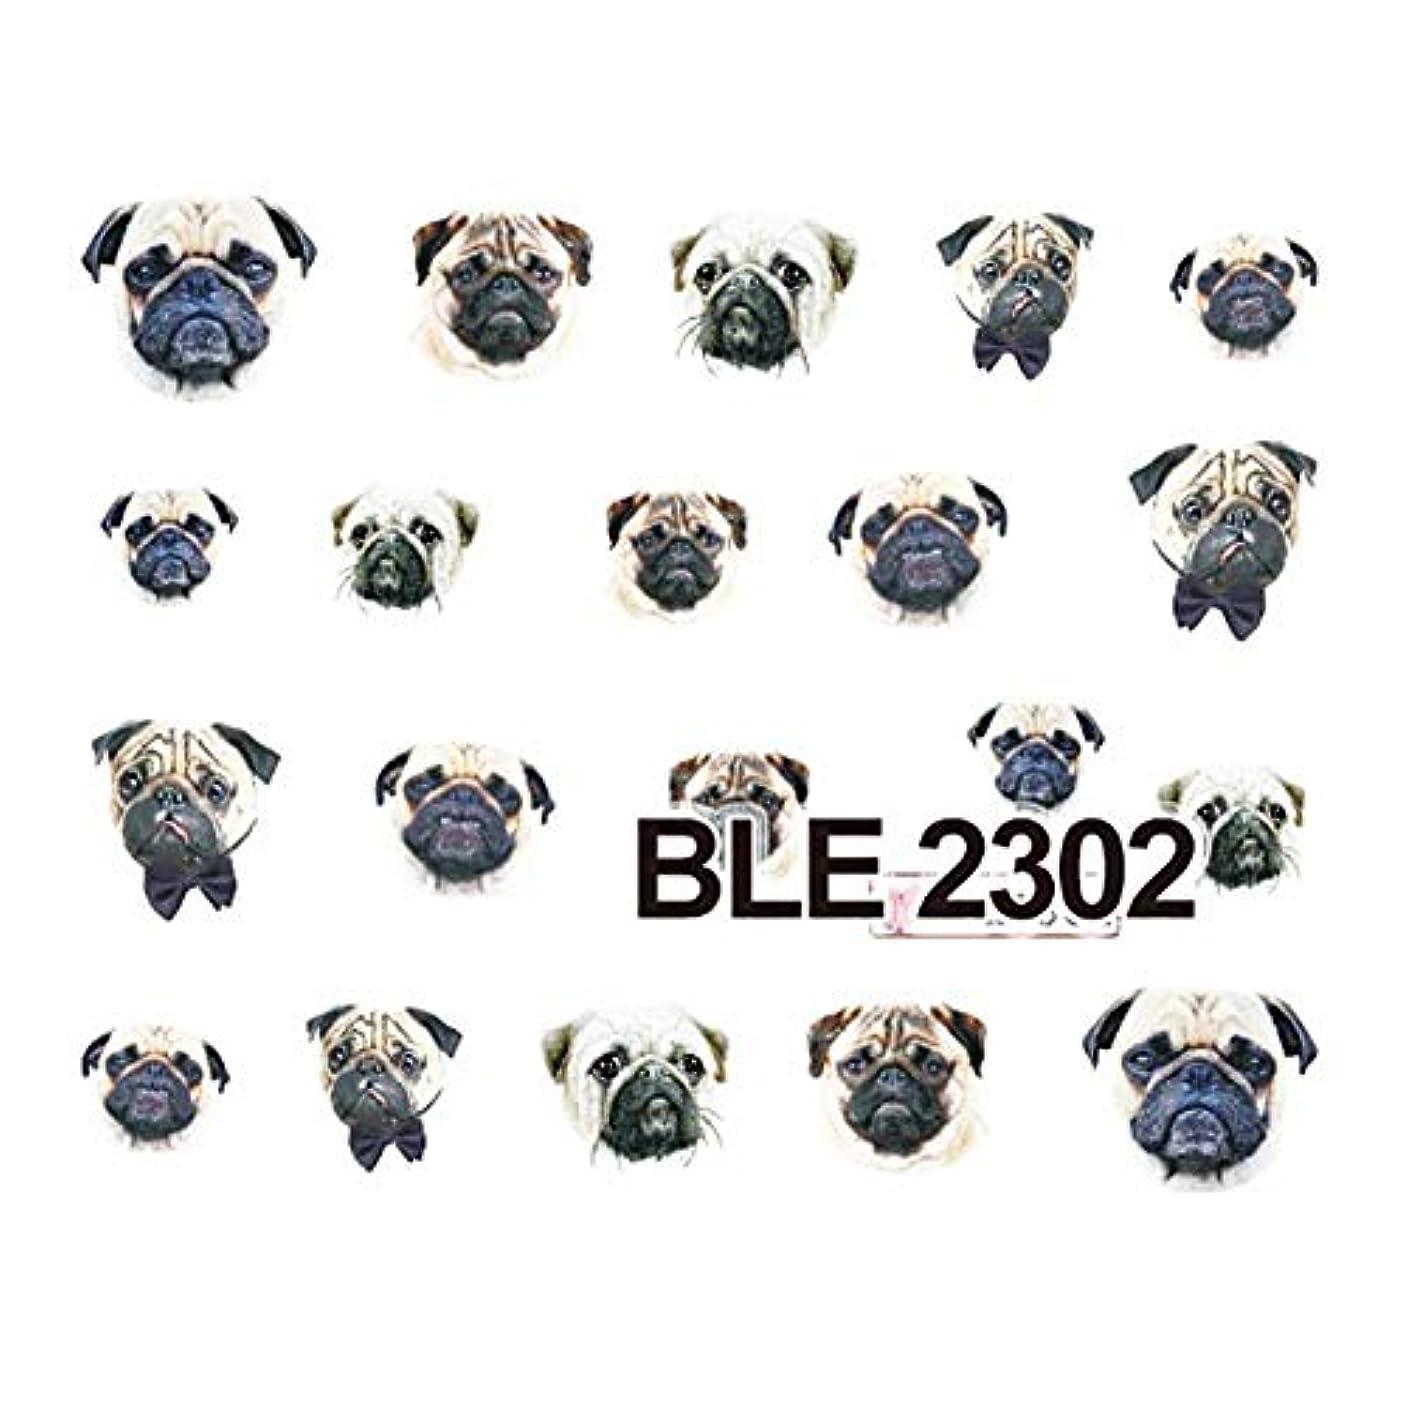 展望台保守可能ルアーLITI ネイルシール ラブリー 犬 リアル いぬ かわいい 犬 コーギー ネイルアート 動物 アニマル 実写 転送ネイルアートステッカー 異なるスタイル 動物犬 マニキュアペディキュアステッカー